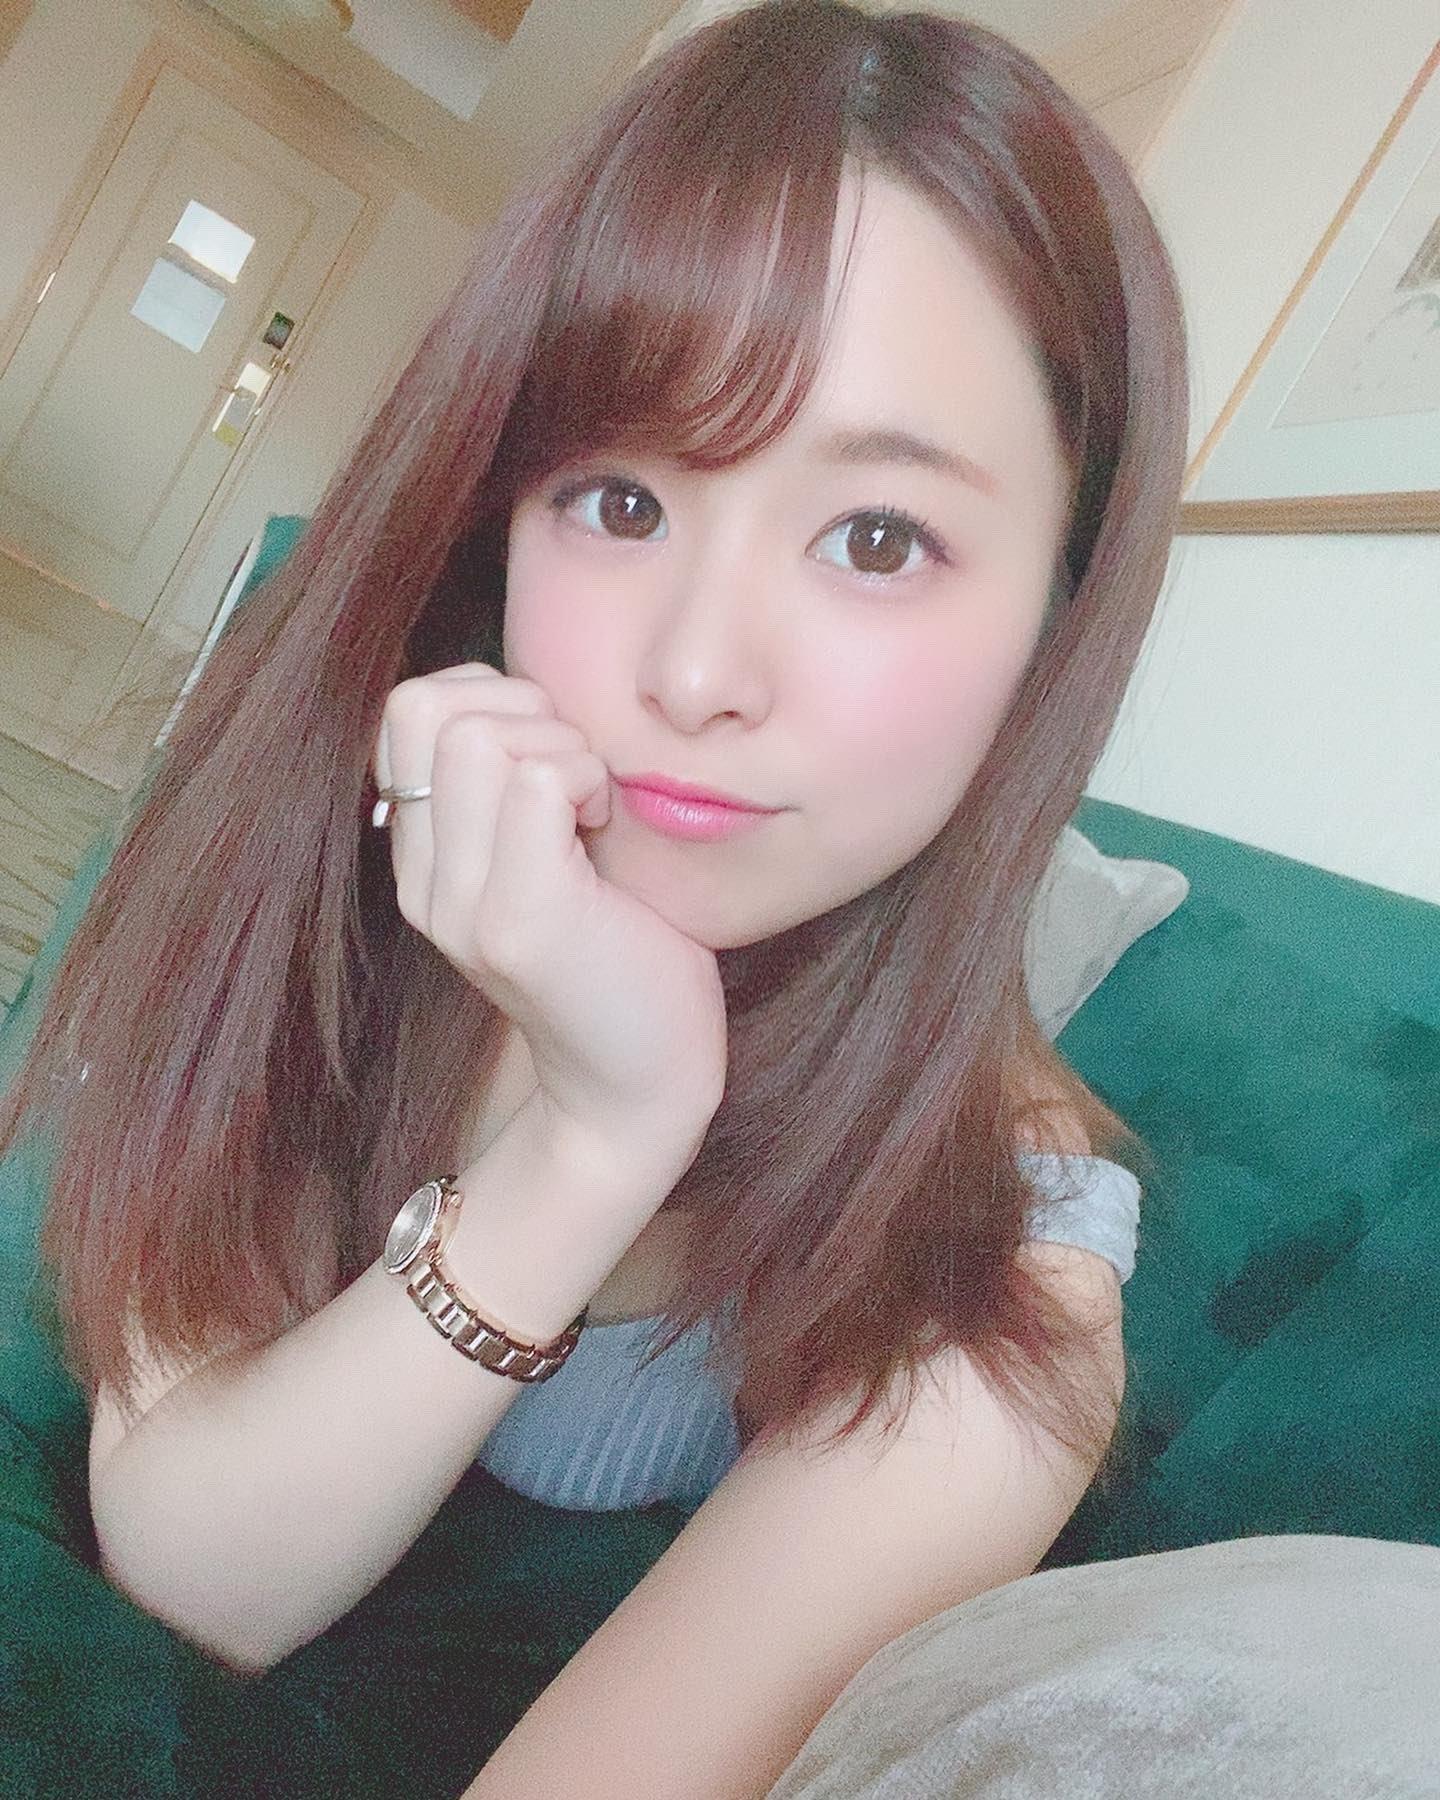 hikari_ninoheee 1233067886006001666_p0